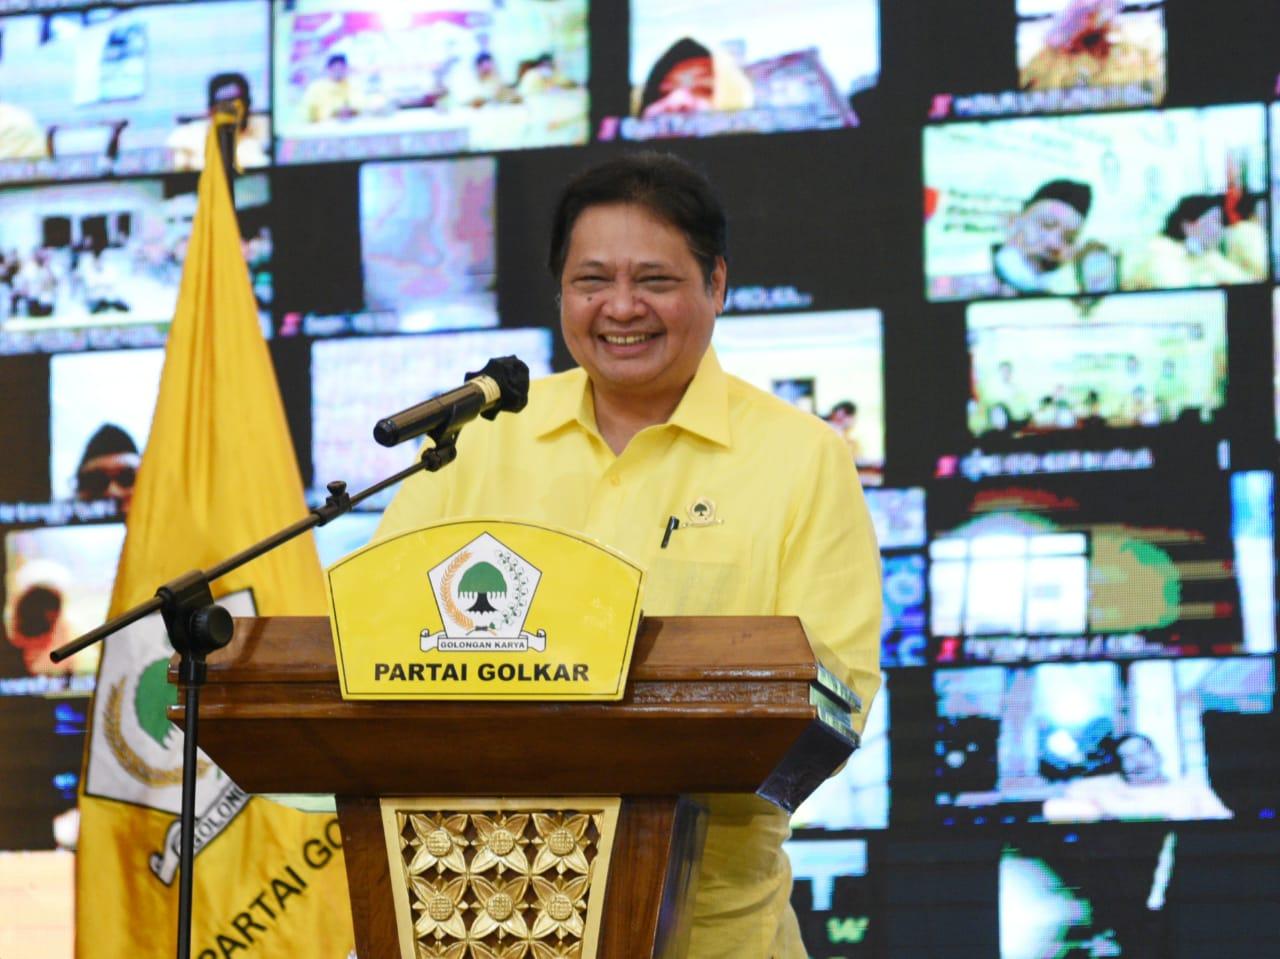 Partai Tertua, Airlangga: Golkar Berkomitmen Jaga Demokrasi Indonesia